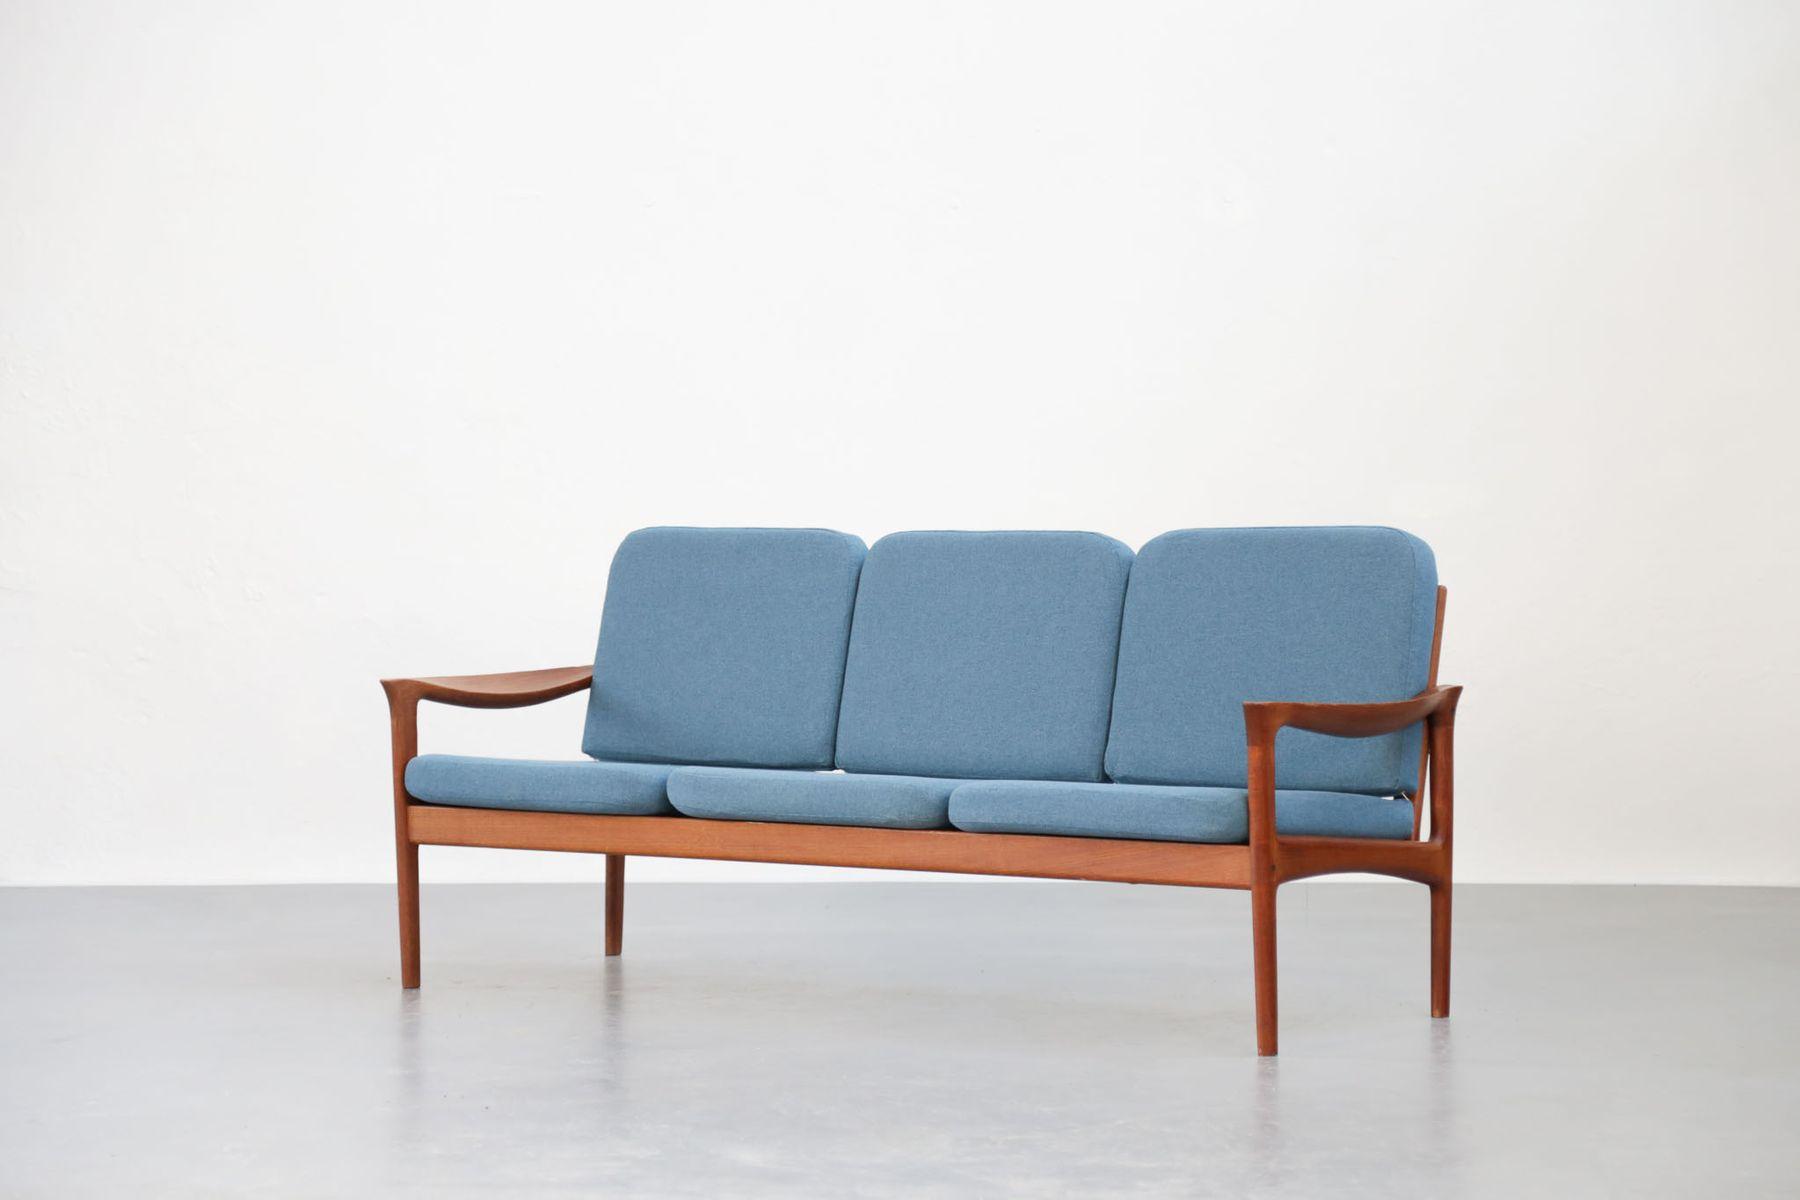 d nisches sofa aus teak mit blauem bezug 1960er bei. Black Bedroom Furniture Sets. Home Design Ideas